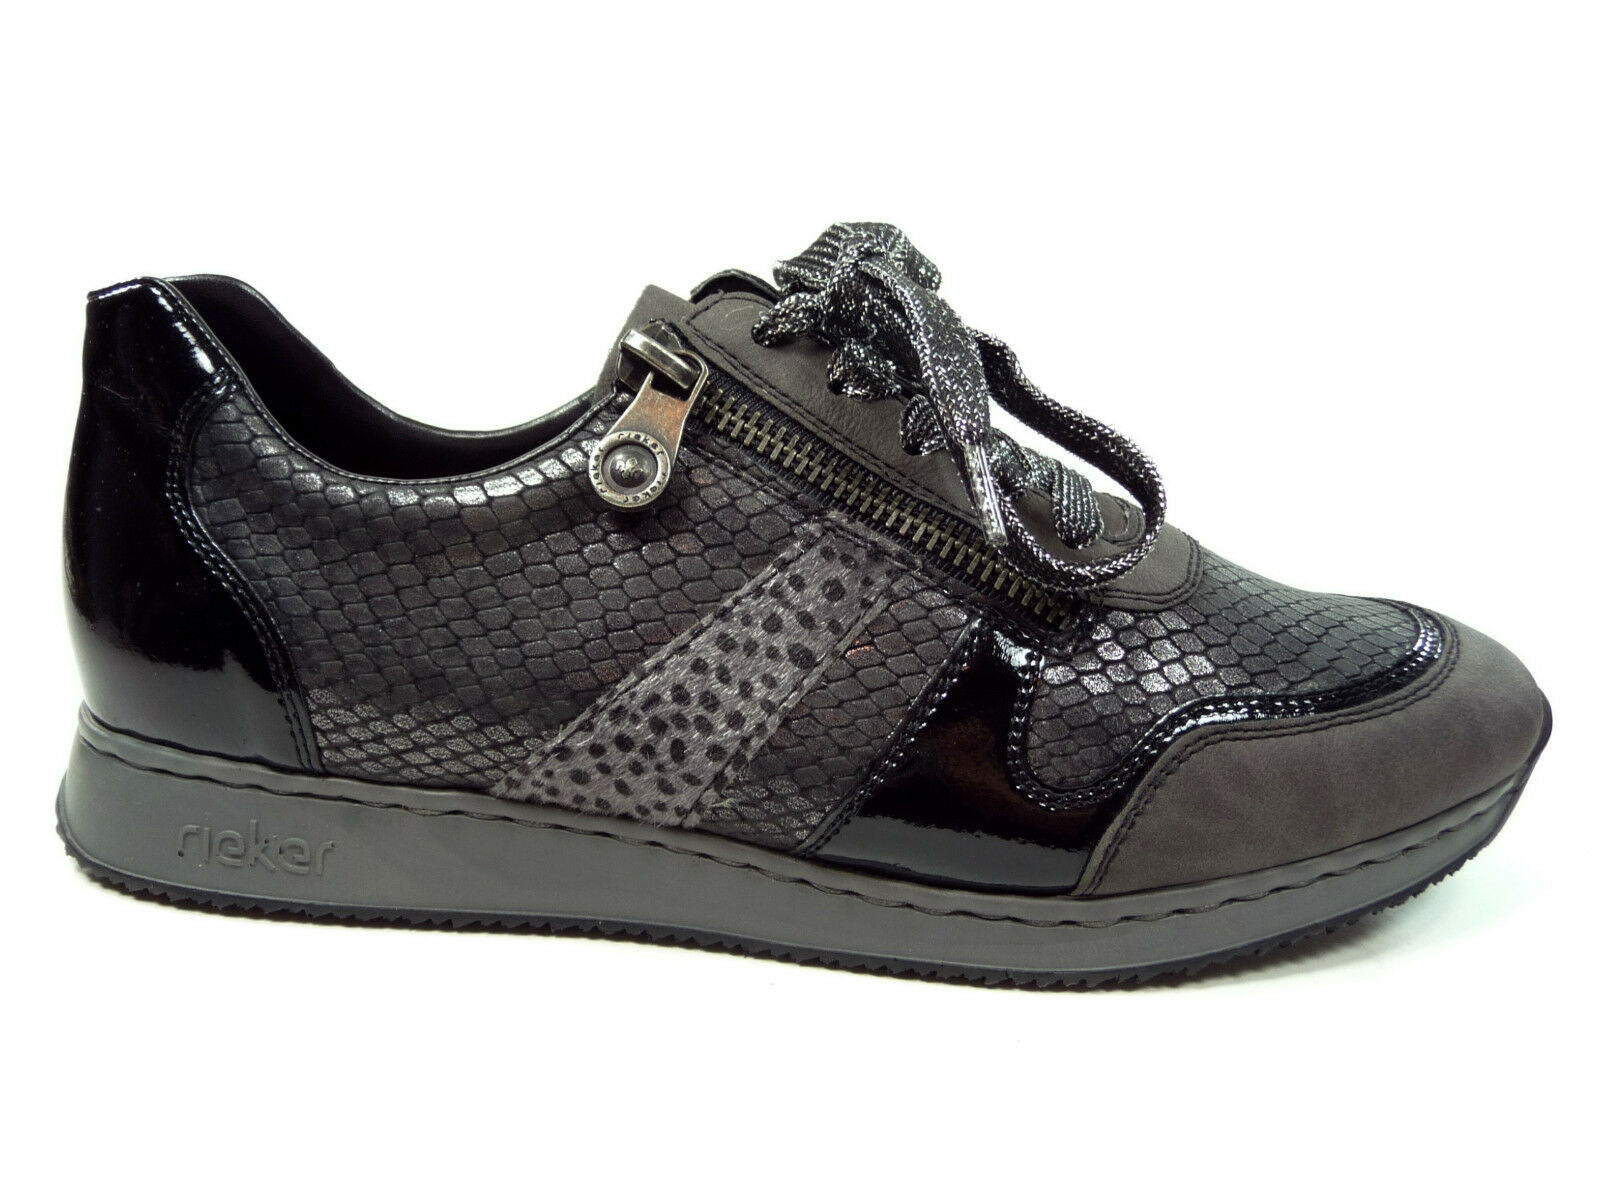 Rieker Damenschuhe Halbschuhe mit Schnürung in Grau   Schwarz 56001-45